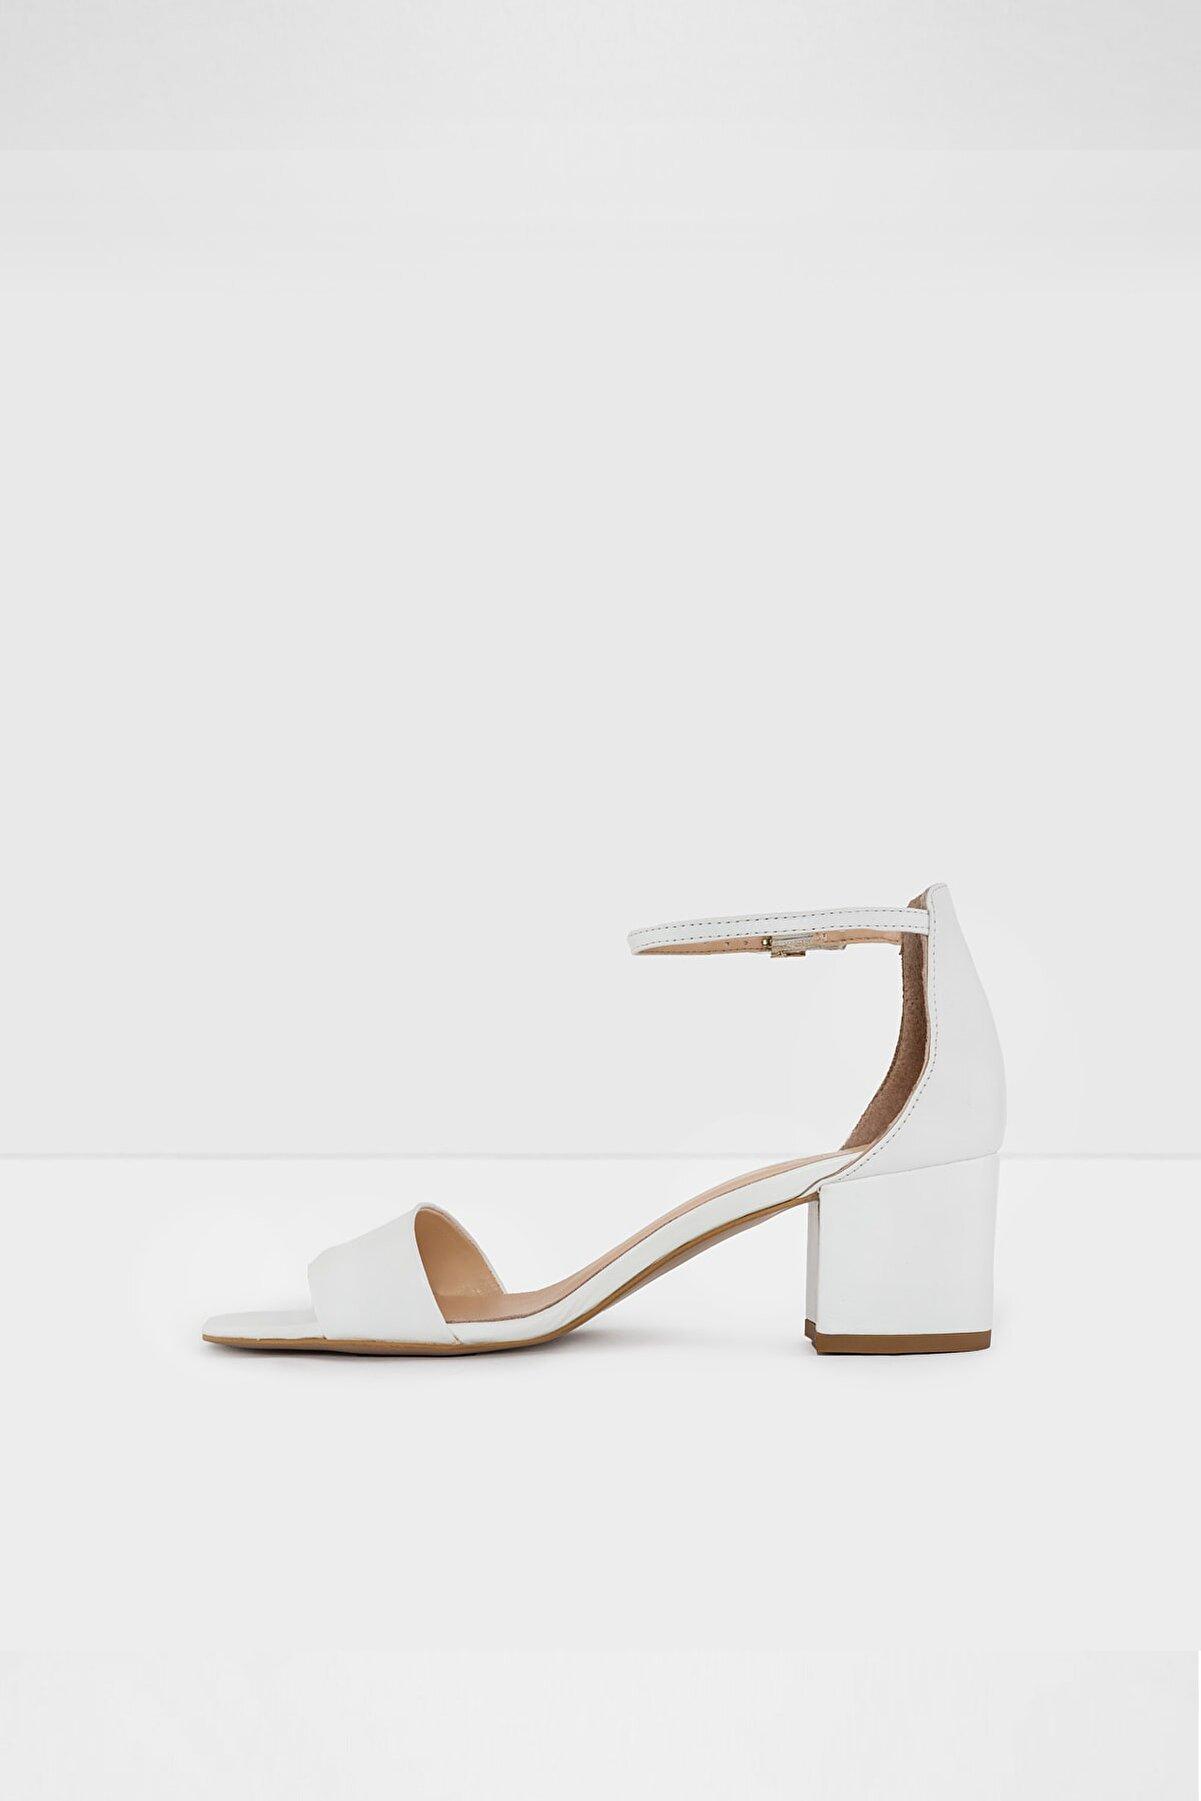 Aldo Kadın Beyaz Topuklu Sandalet Vıllarosa